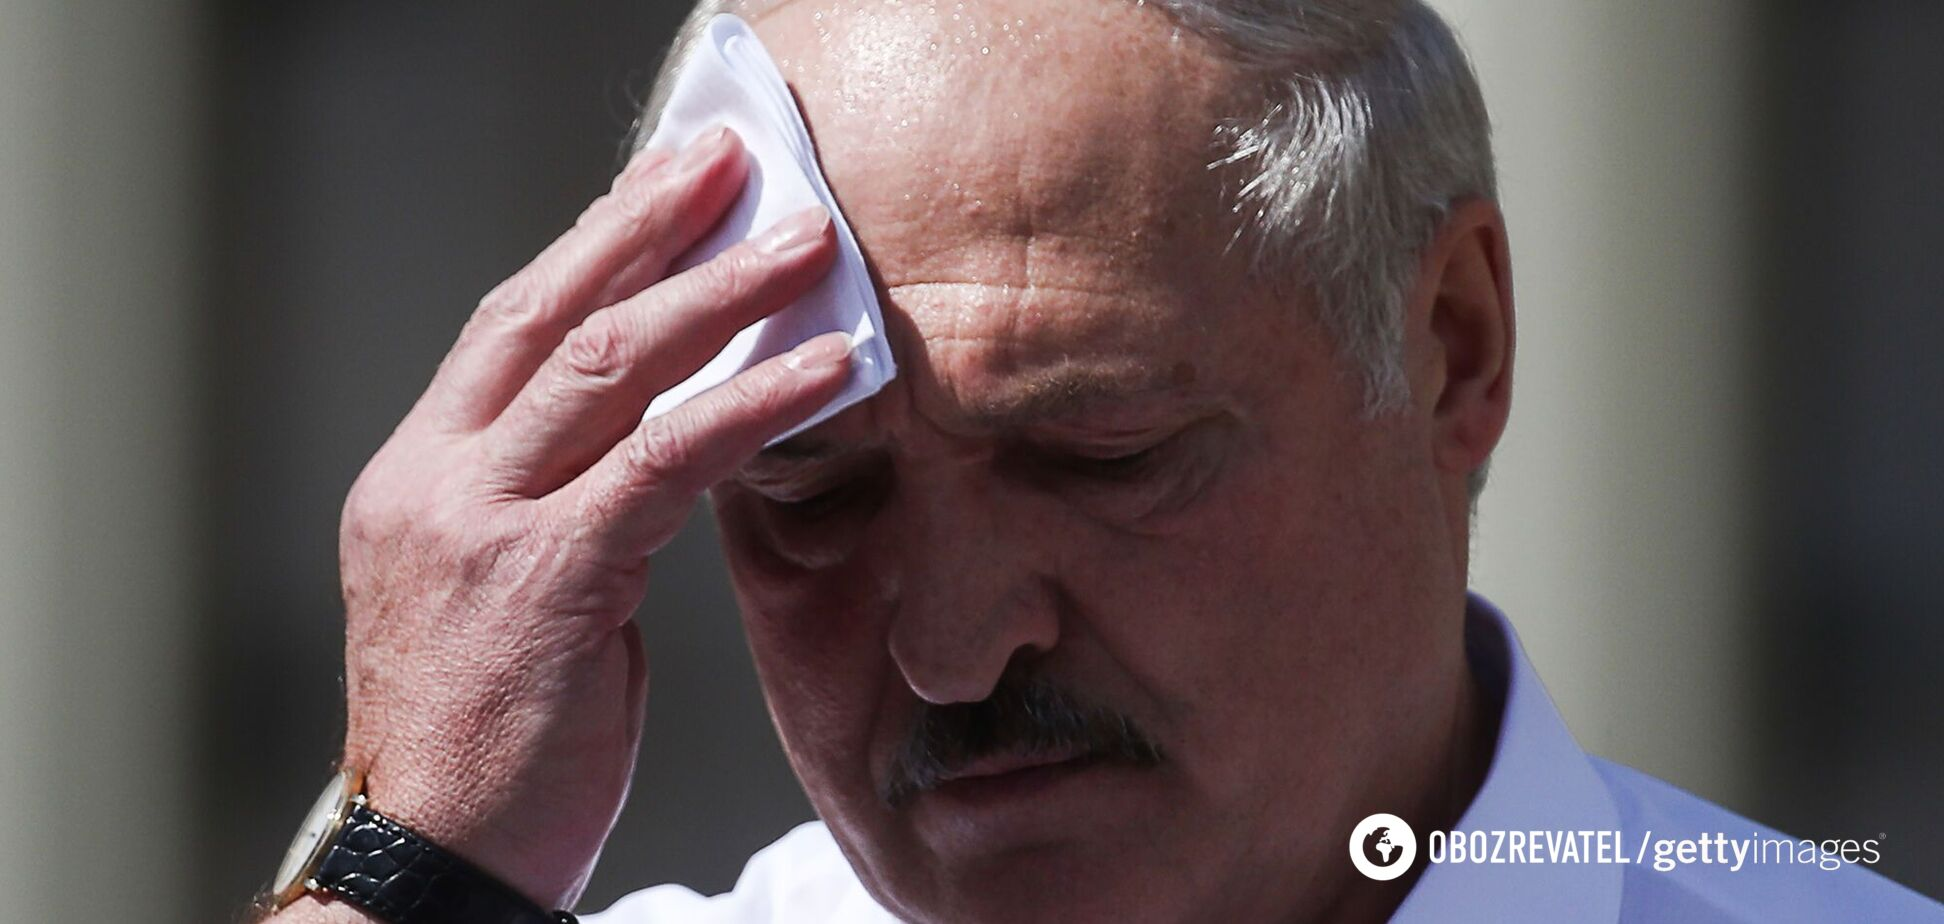 Александр Лукашенко продолжает контролировать силовой блок и власть в Беларуси